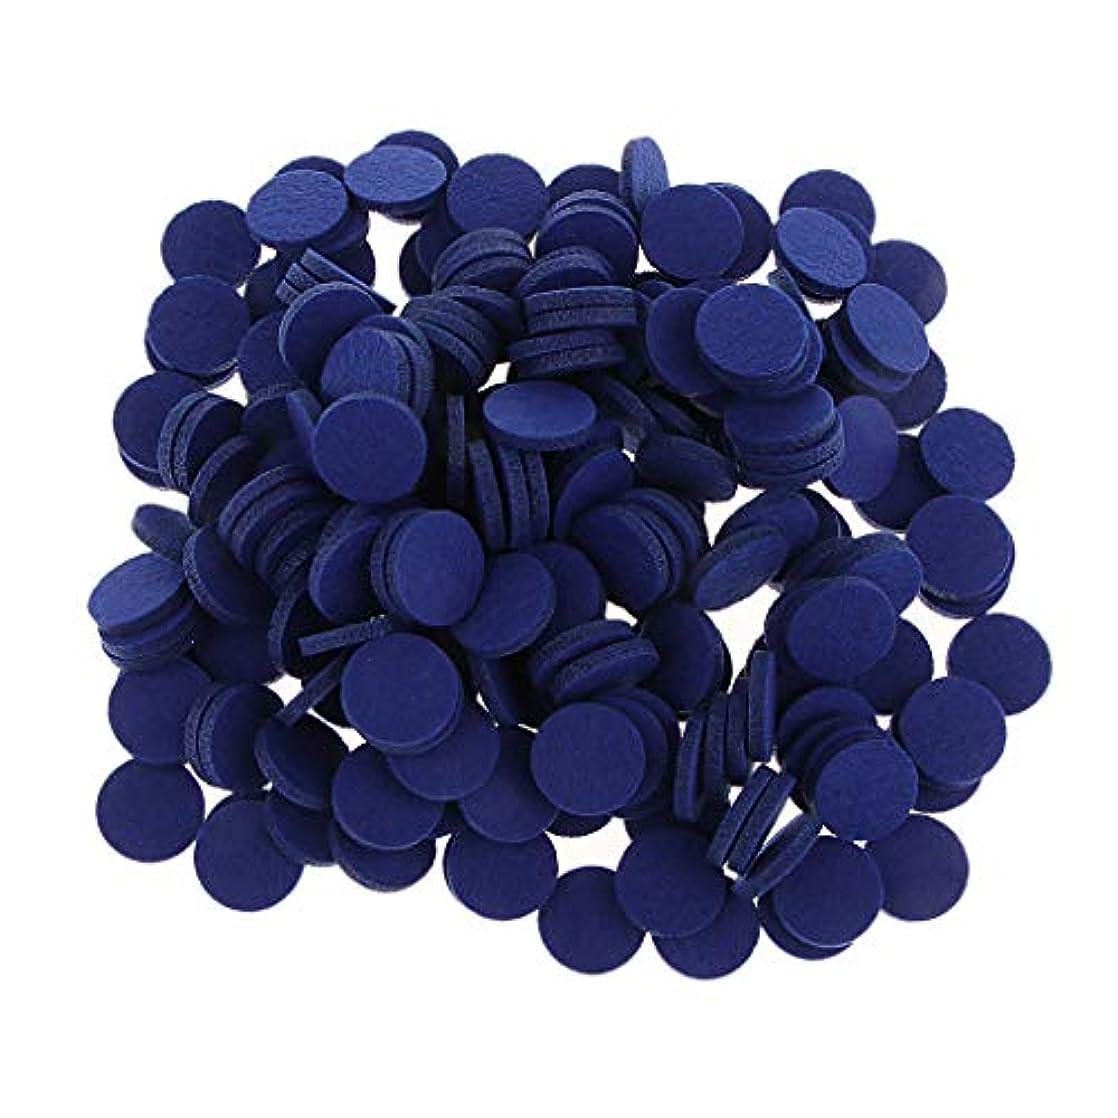 満州誘導大統領ディフューザーパッド アロマパッド パッド 精油 エッセンシャルオイル 香り 約200個入り 全11色 - ロイヤルブルー